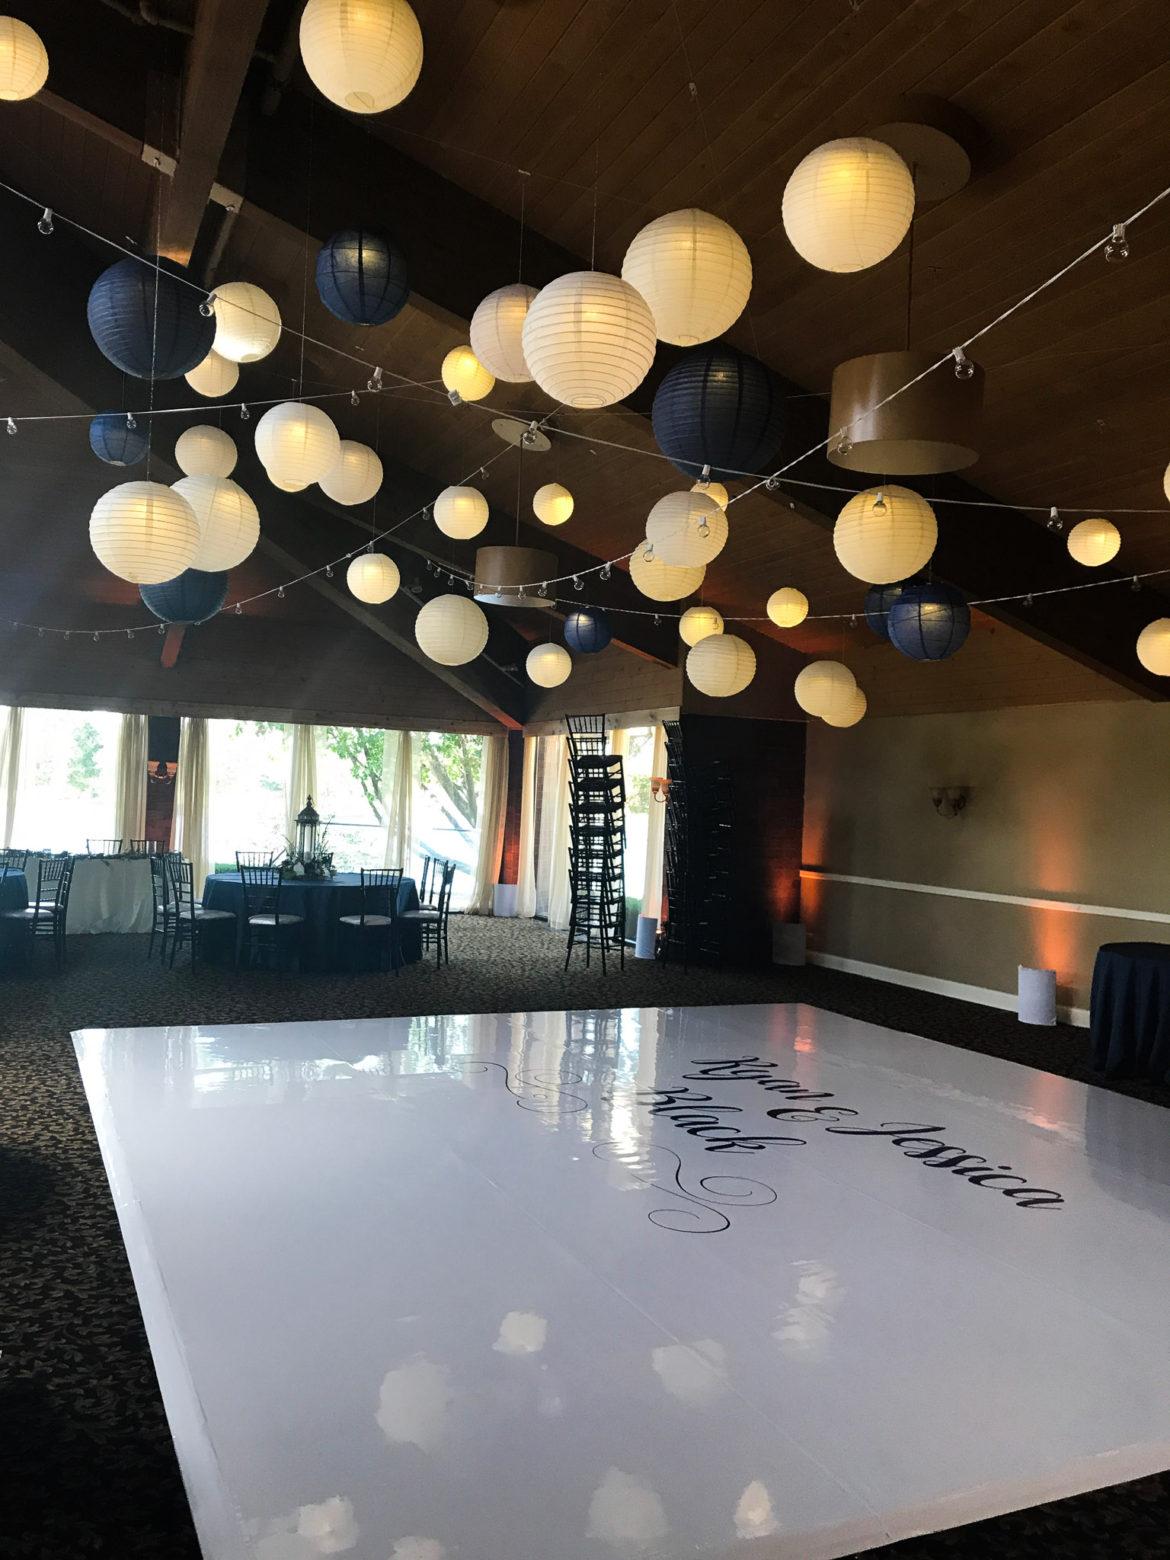 Elegant_Event_Lighting_Chicago_Kemper_Lakes_Kildeer_Wedding_Cafe_Globe_Lighting_Navy_Ivory_White_Paper_Lanterns